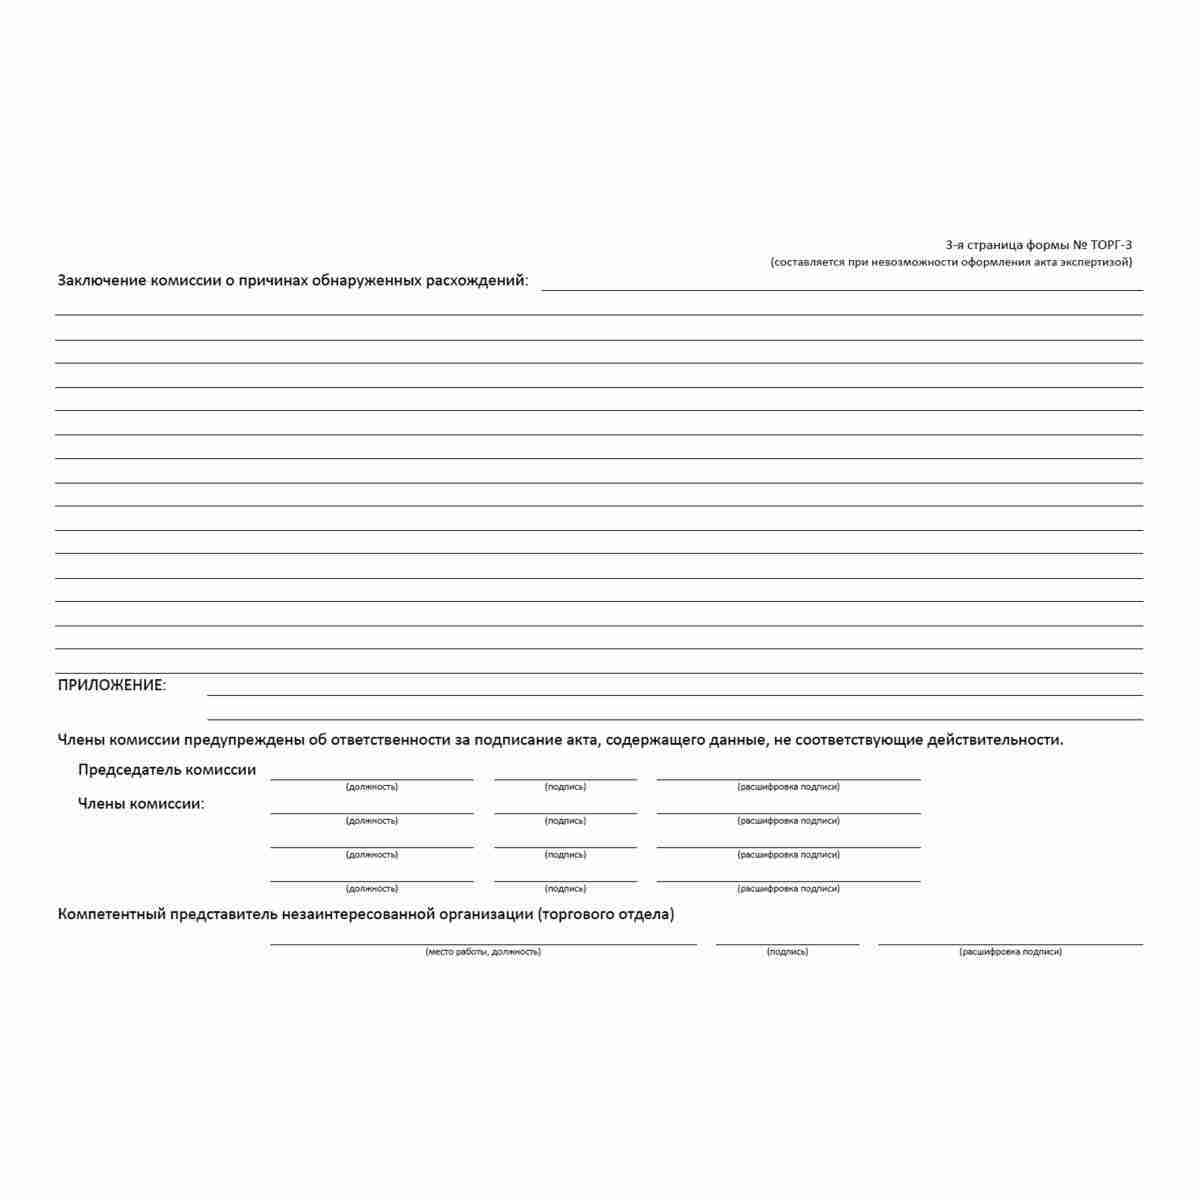 """Унифицированная форма первичной учетной документации №ТОРГ-3 """"Акт об установленном расхождении по количеству и качеству при приемке импортных товаров"""" (ОКУД 0330203) . Стр. 3"""